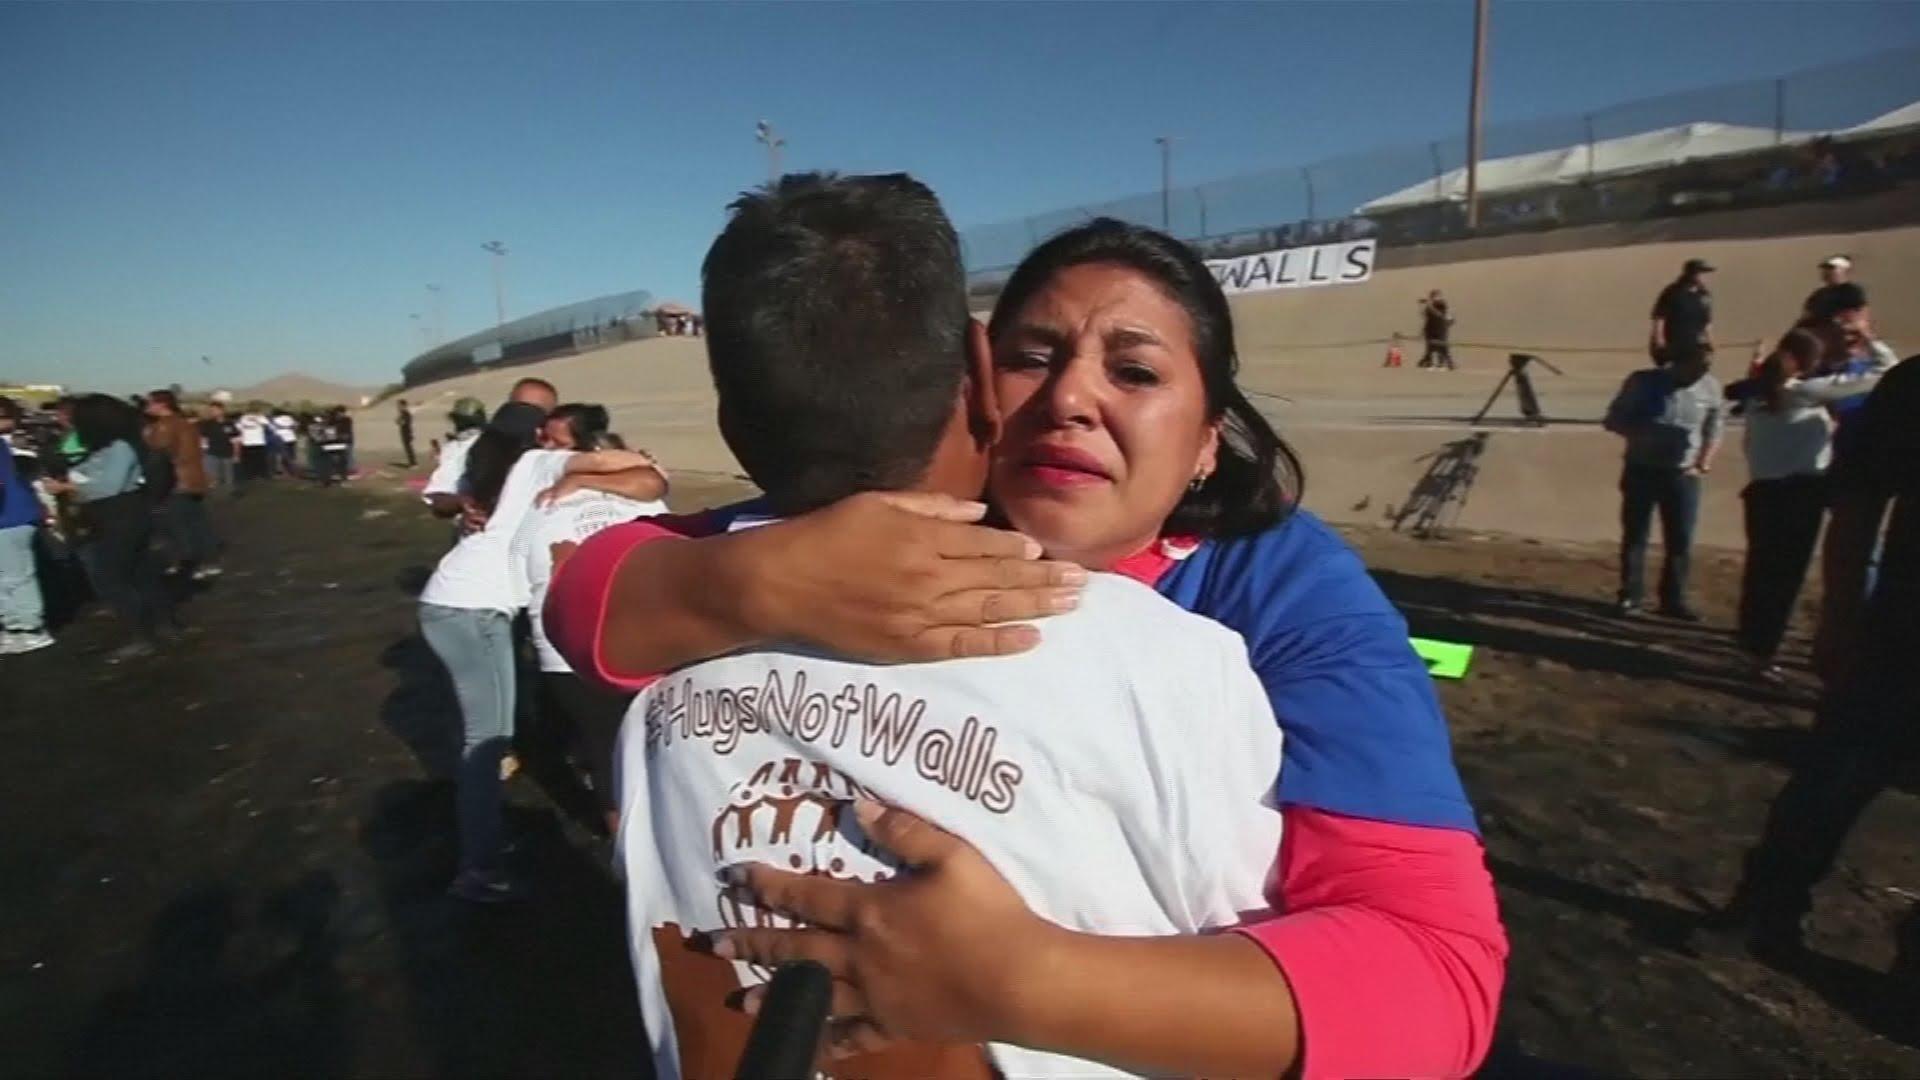 Familias separadas por la frontera entre Estados Unidos y México se reúnen brevemente. Foto: YouTube.